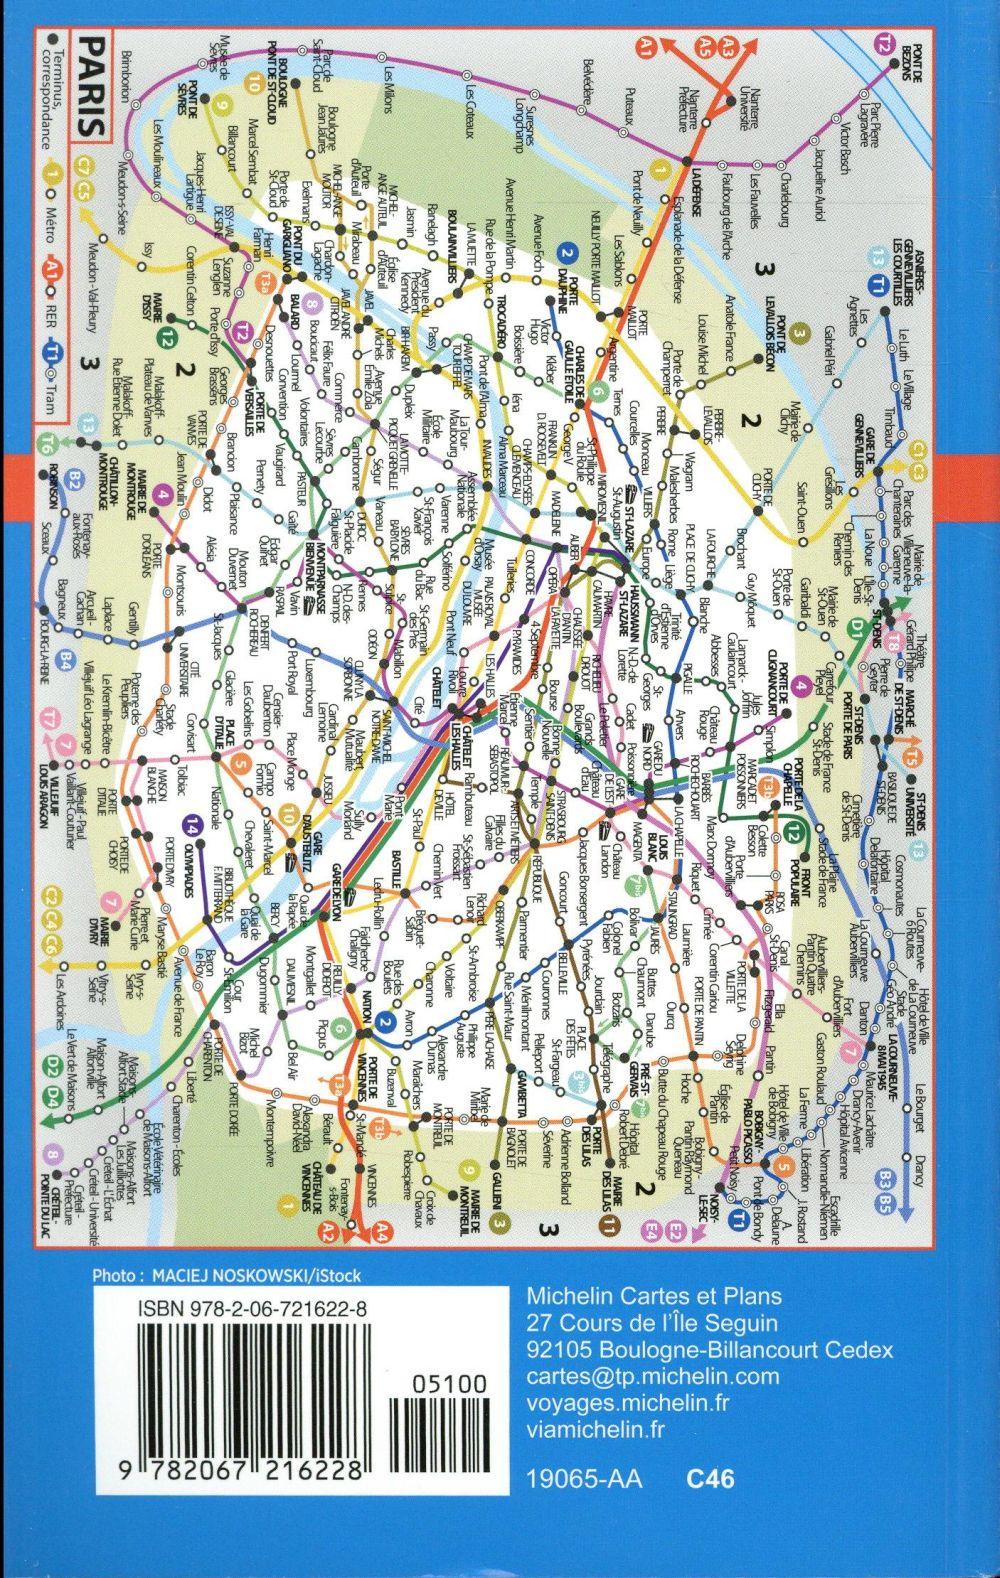 Plan De Paris Et Banlieue : paris, banlieue, Paris, Banlieue, Arrondissement, Communes, (édition, 2017), Collectif, Michelin, Carte, Librairie, Delamain, PARIS